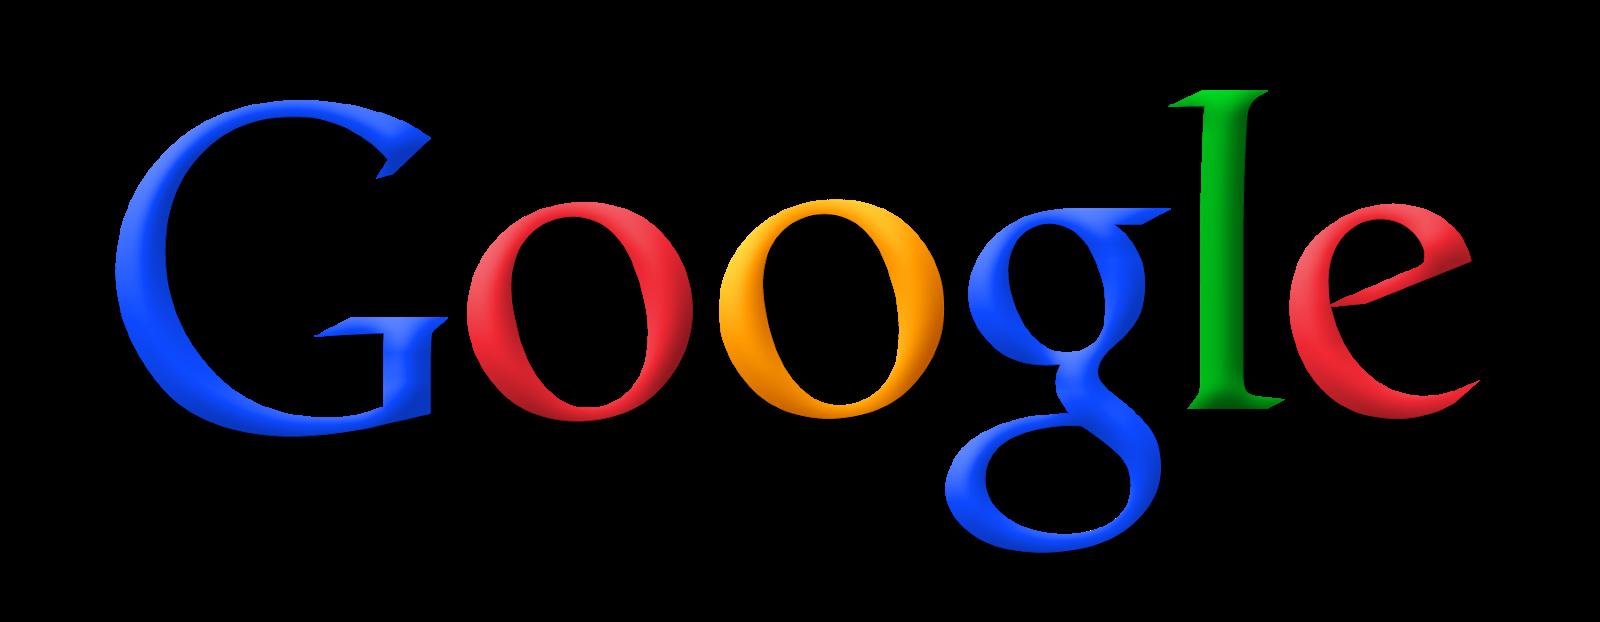 Scholar Google Com Recall Rates By Car Company